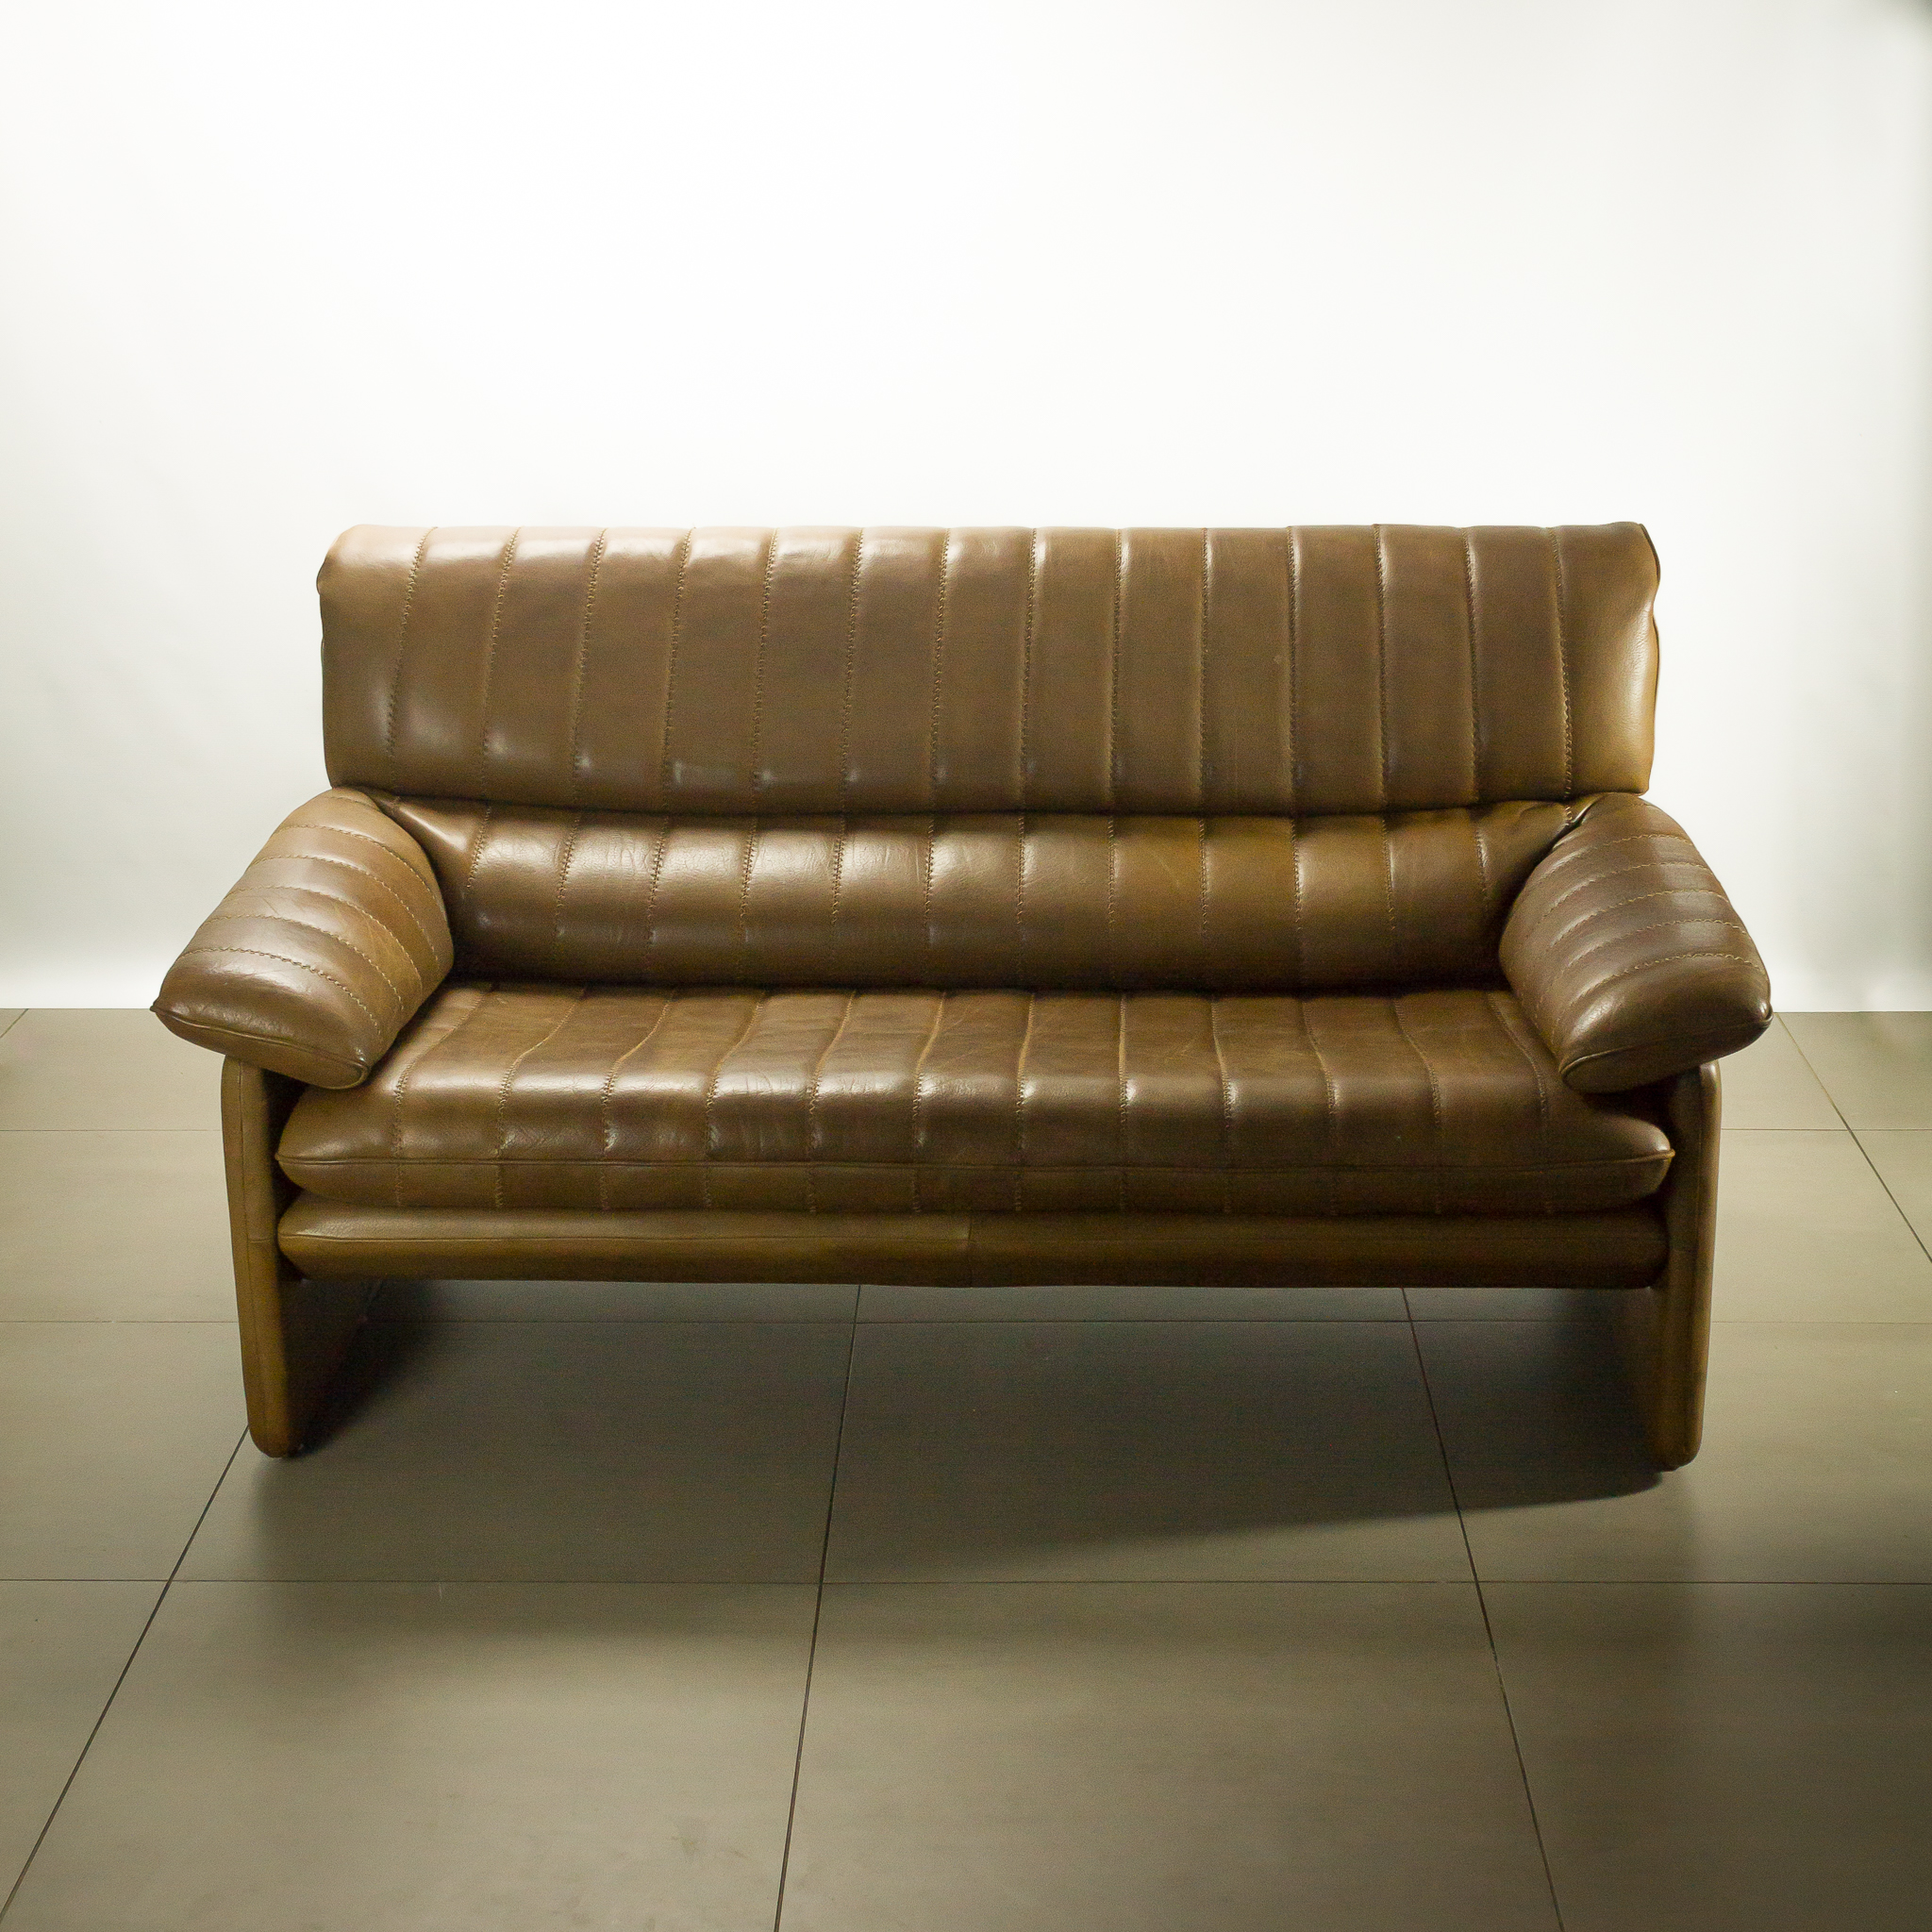 Design Vintage Bank.De Sede Ds 85 2 Zits Leren Bank Topstuk Barbmama